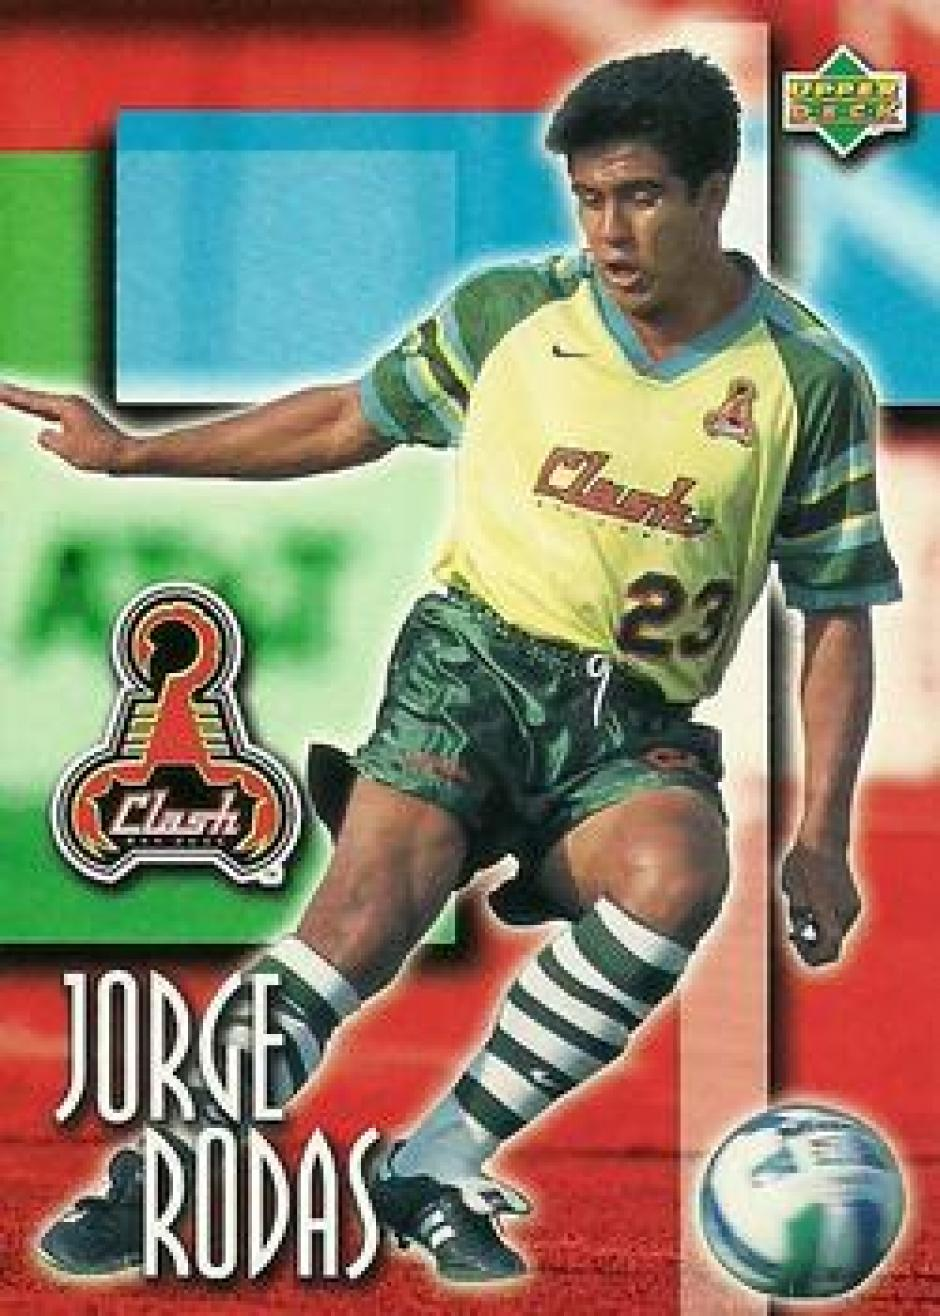 Postal del recuerdo. Las tarjetas con la imagen de Jorge Rodas con el San José Clash. (Foto: Google)